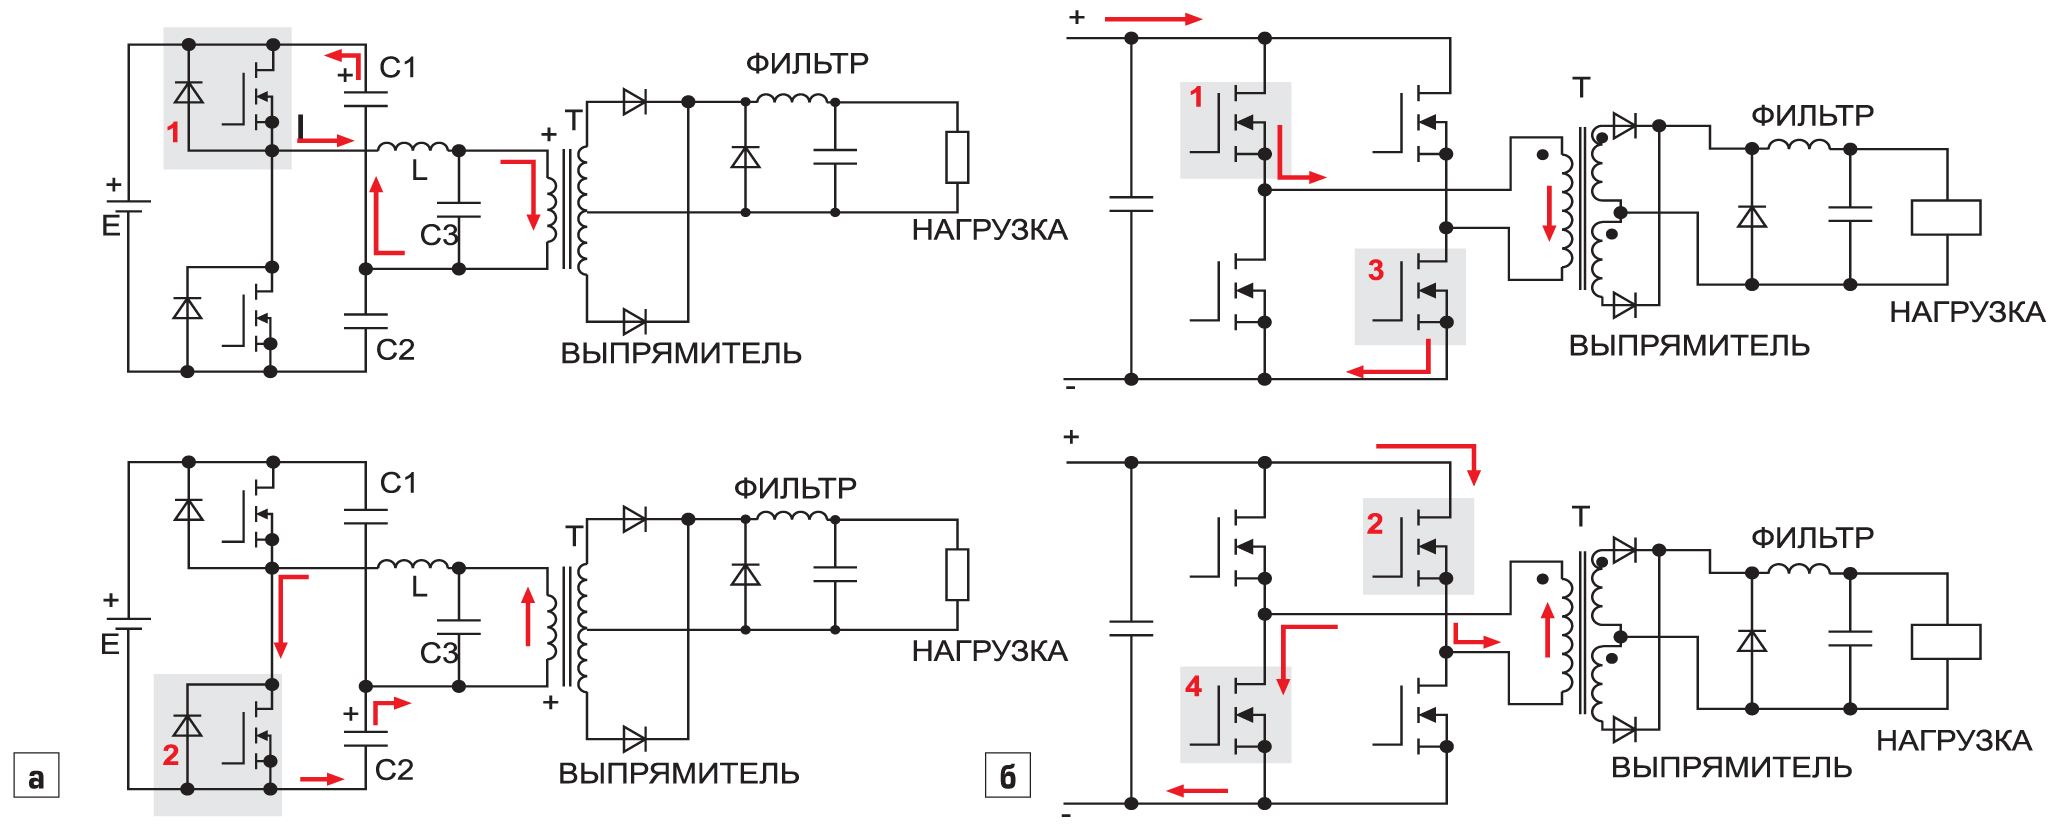 Пояснение принципа работы конвертера посхеме:полумоста; полного моста